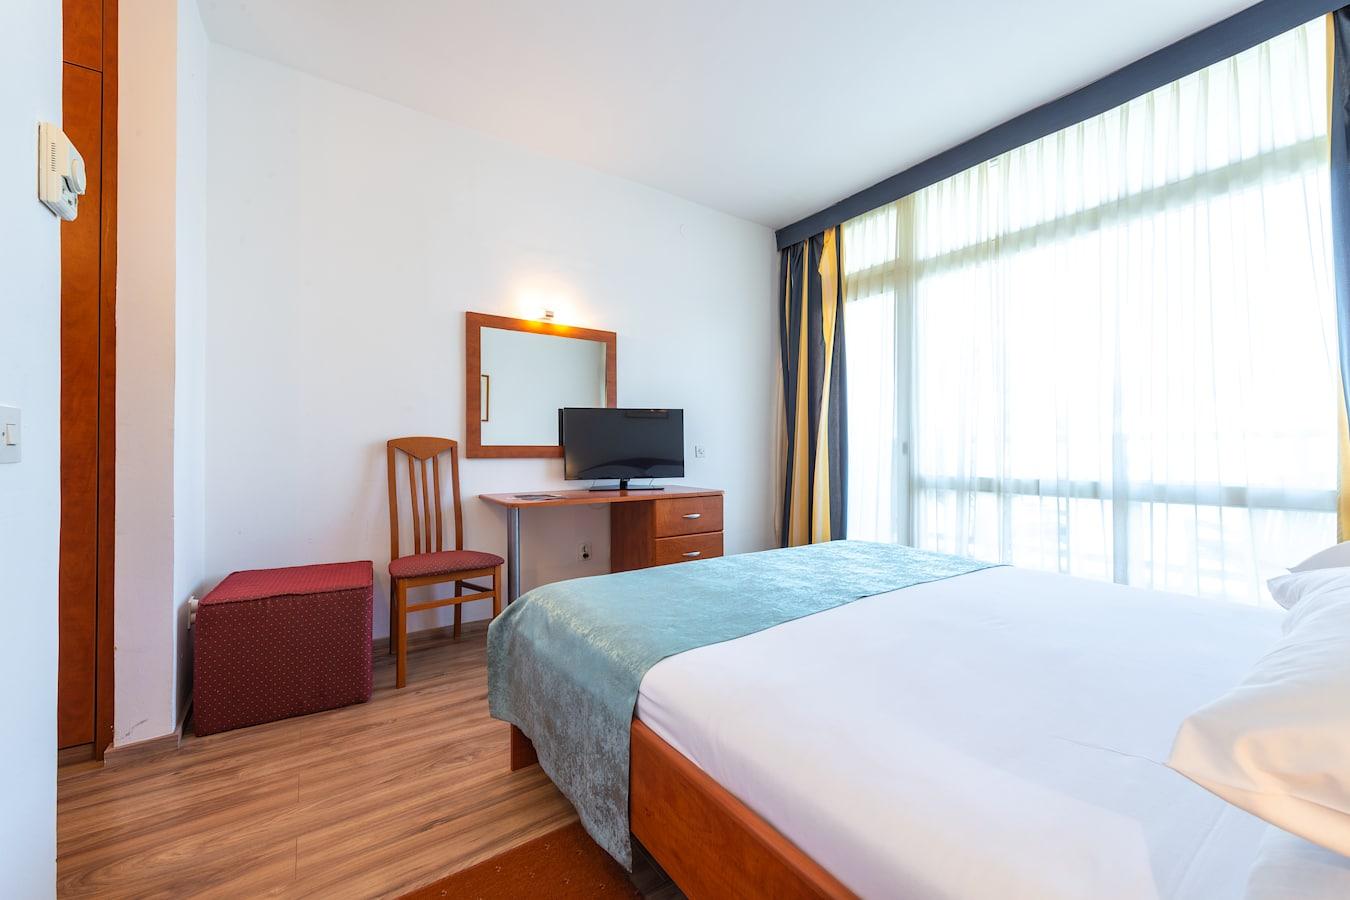 vis-hotel-double-room-dubrovnik.jpg